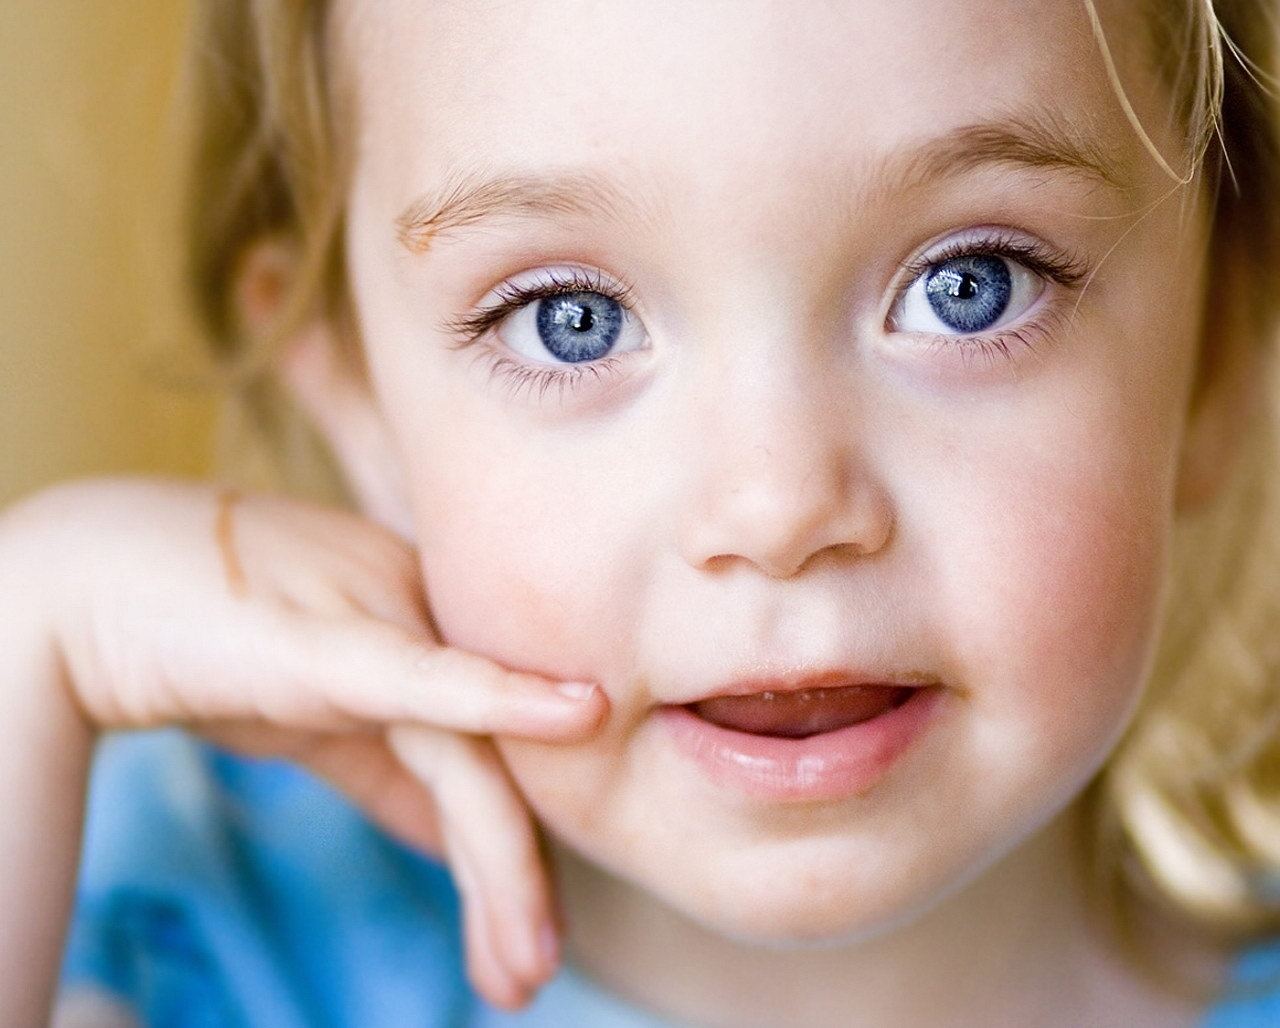 Дети маленькие с голубыми глазами019